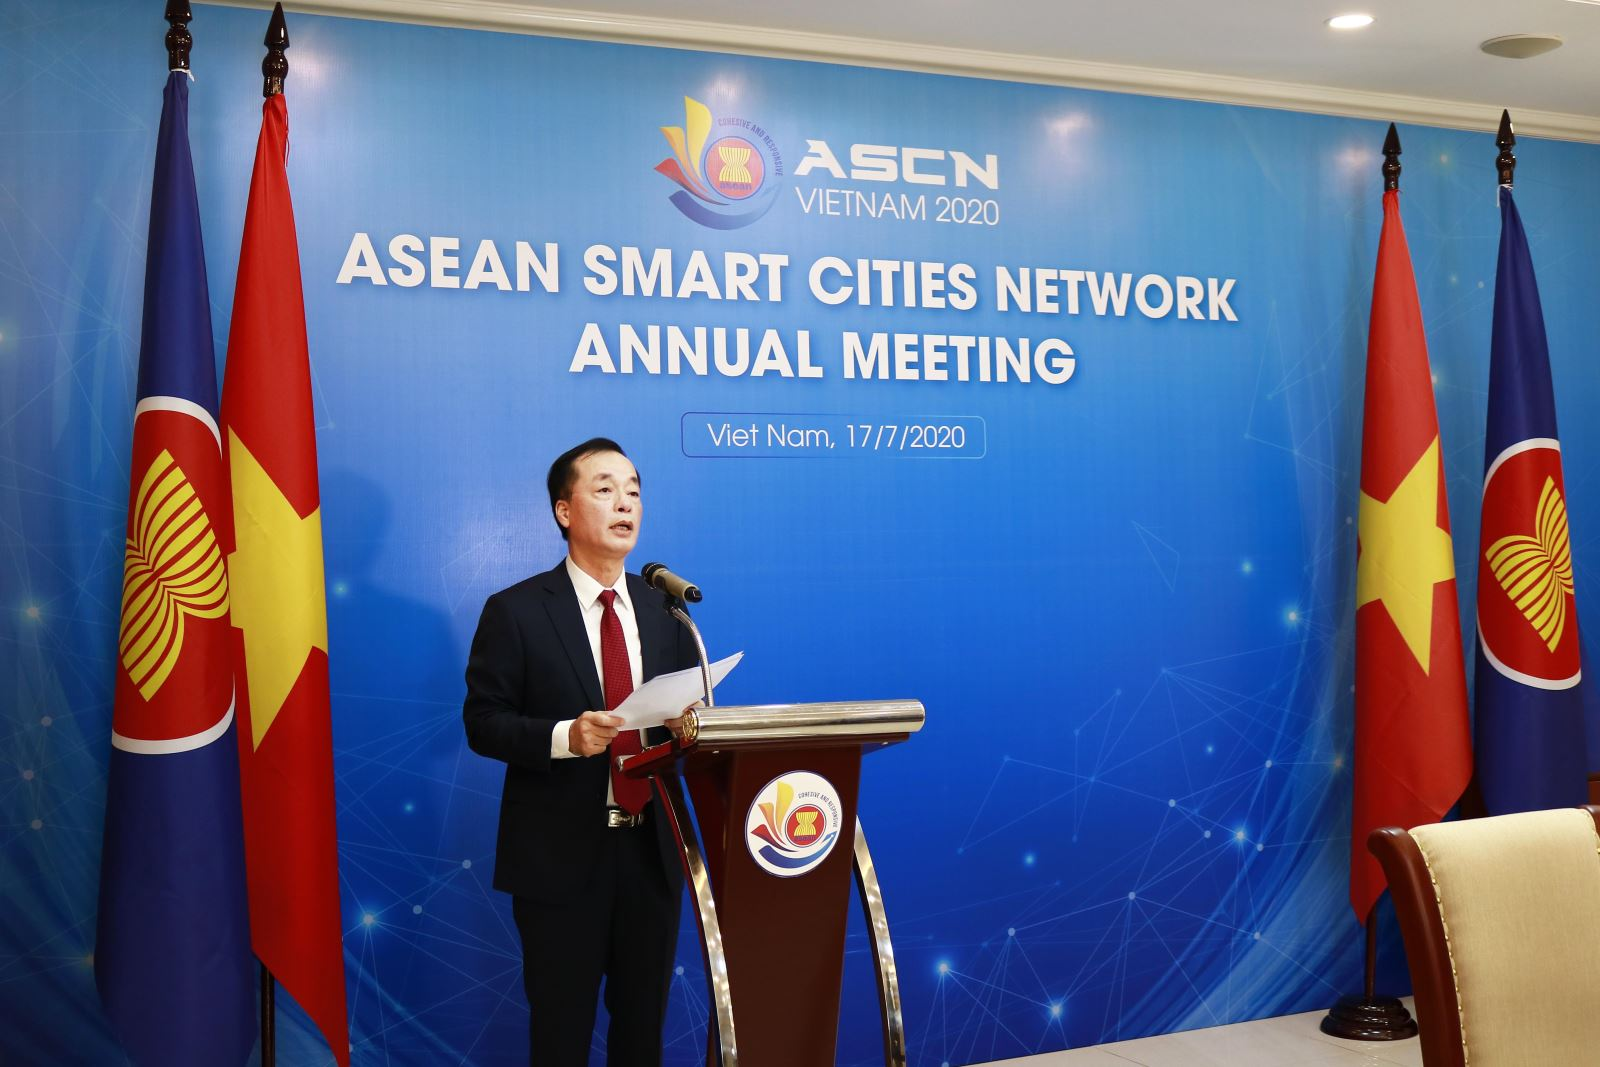 Bộ trưởng Phạm Hồng Hà phát biểu khai mạc Hội nghị